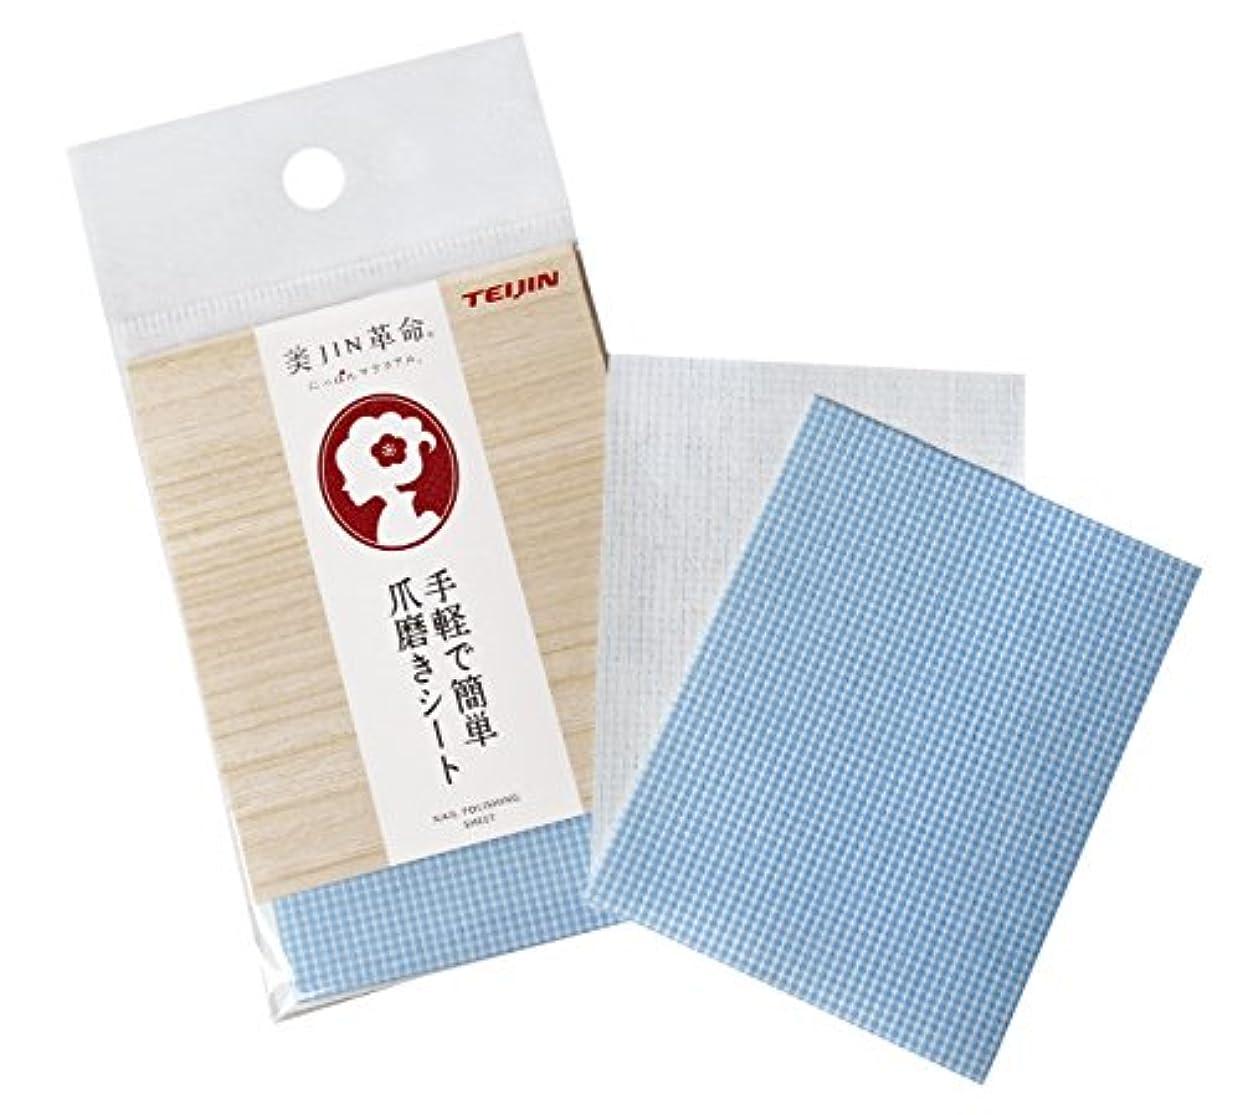 調和幻想たくさんの美JIN革命 手軽で簡単 爪磨きシート